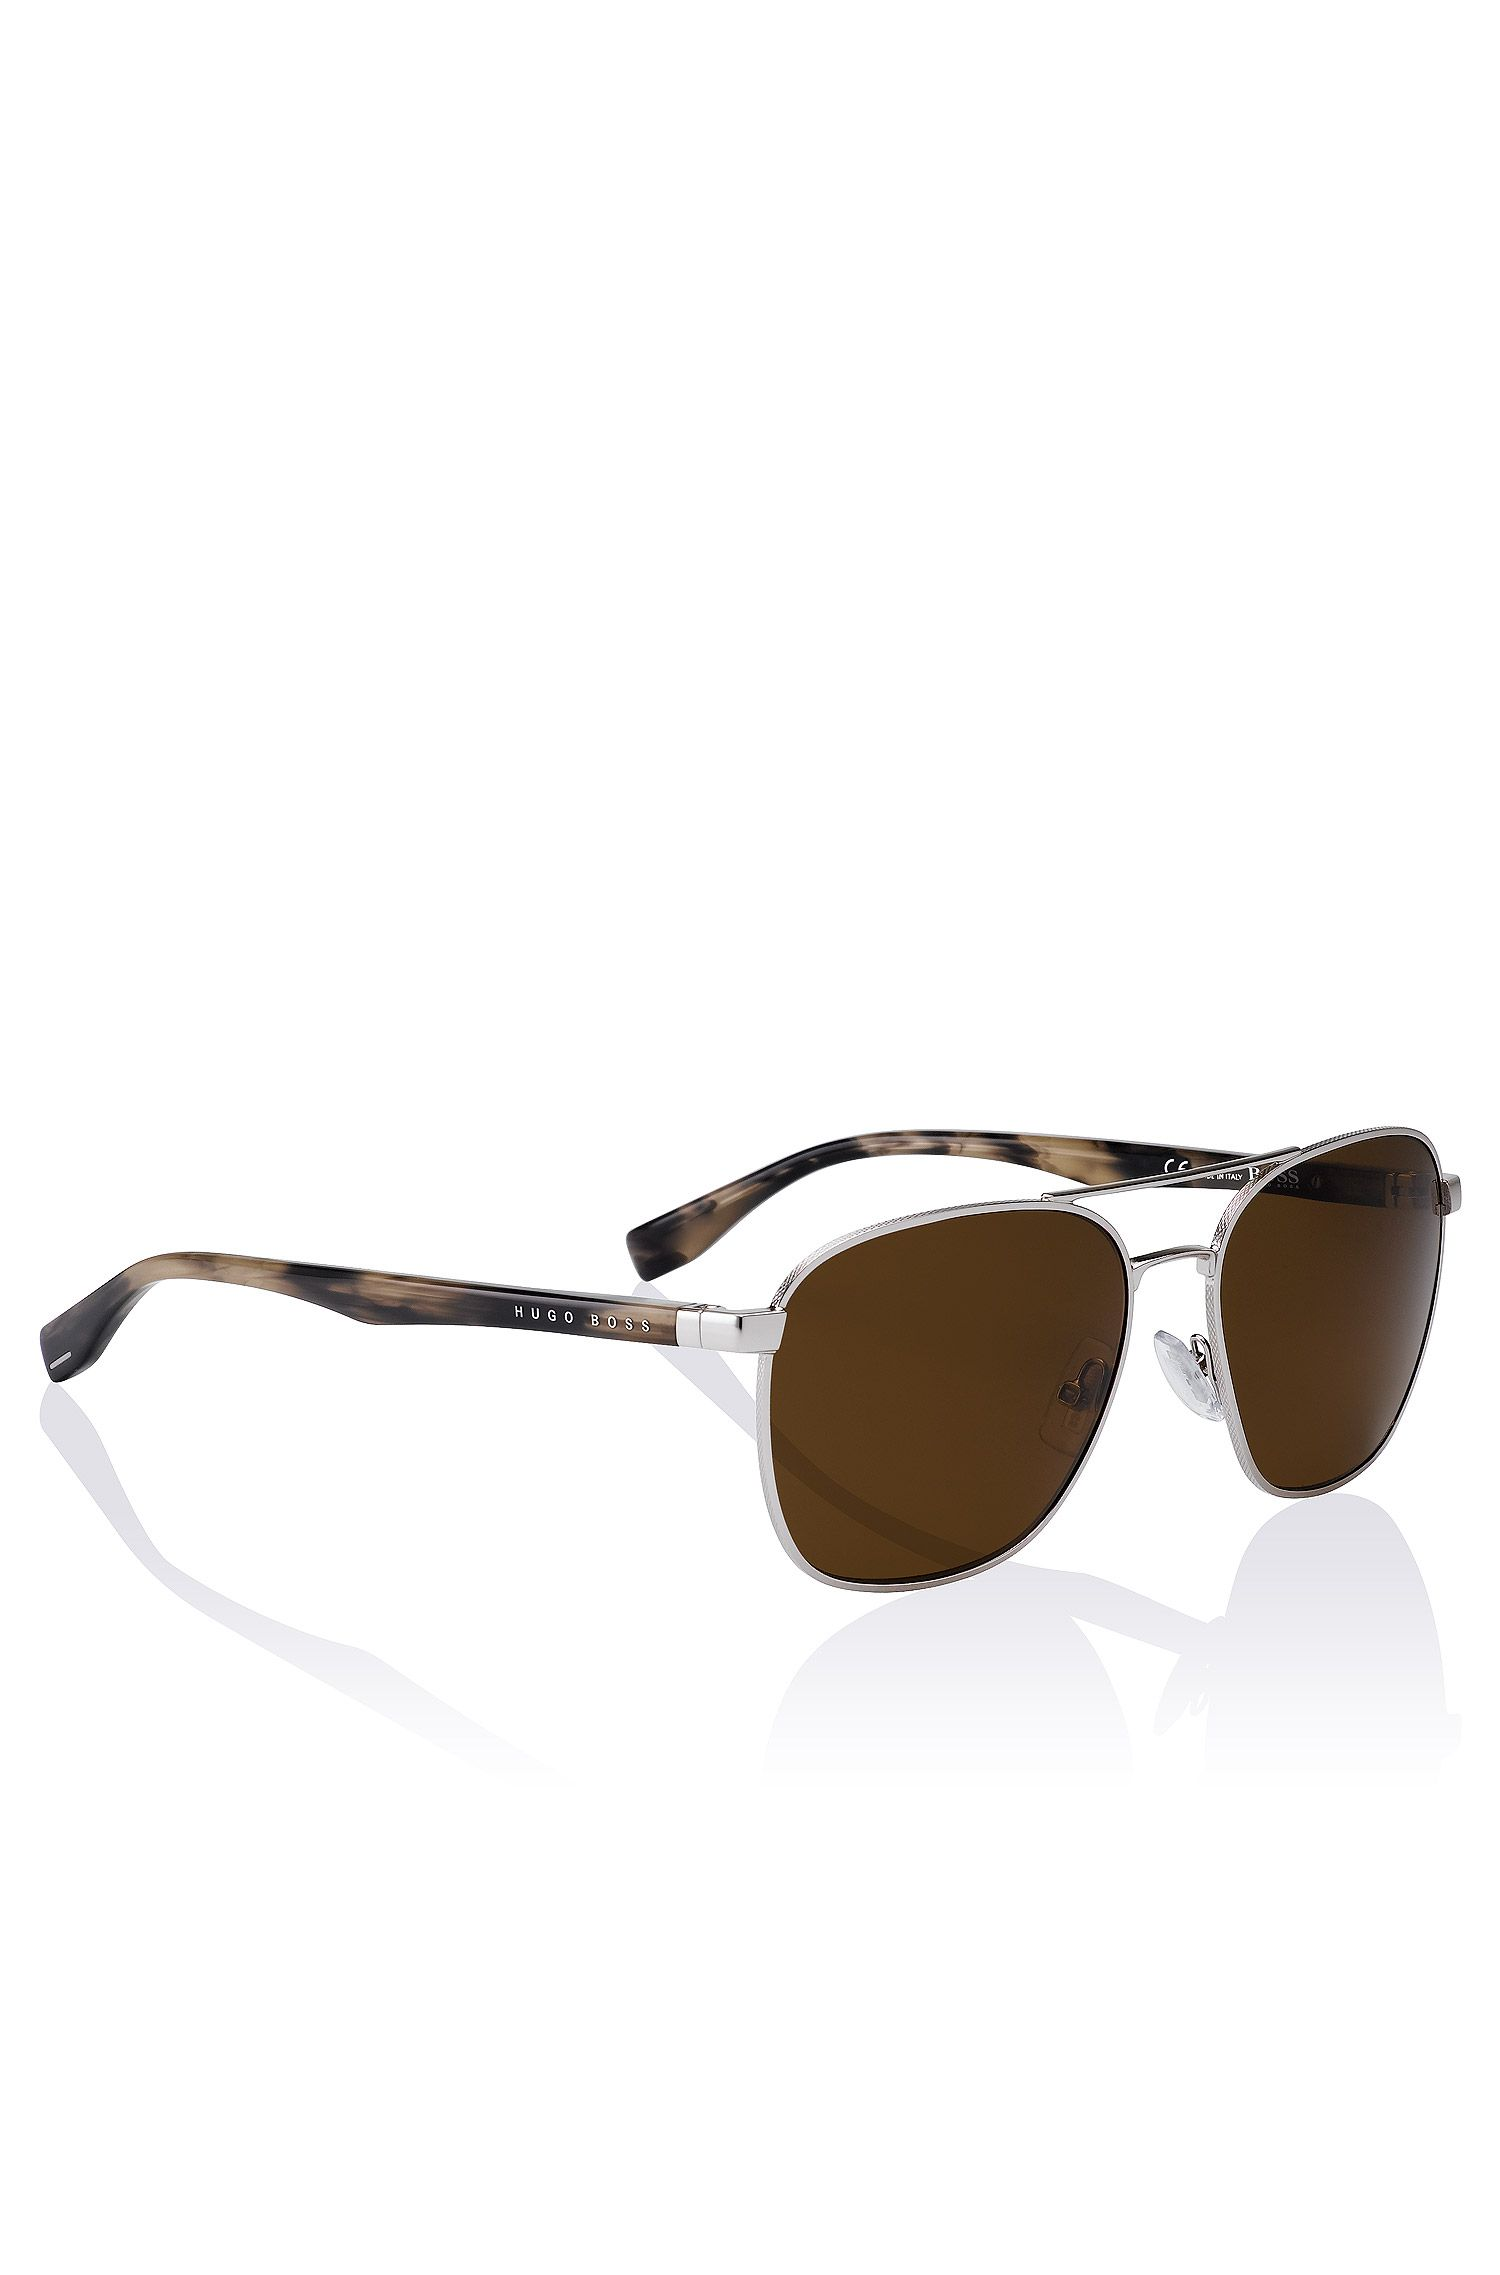 Lunettes de soleil style aviateur «BOSS 0701/S»